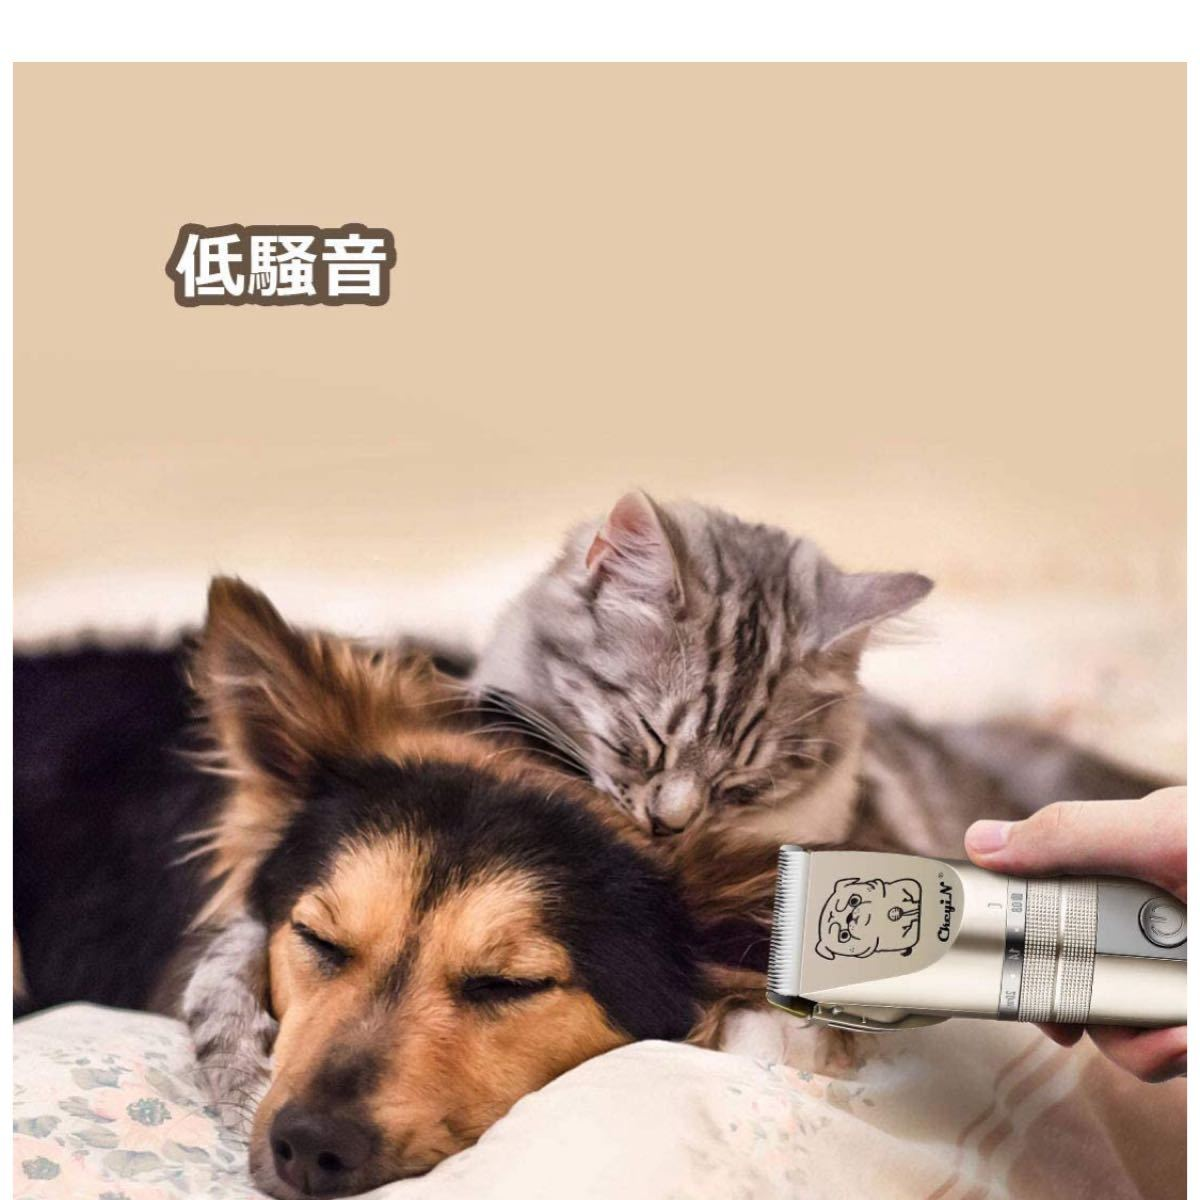 ペット用 バリカン 犬 猫用 足裏 全身適用 トリミング 9段階刈り高さ調整可能